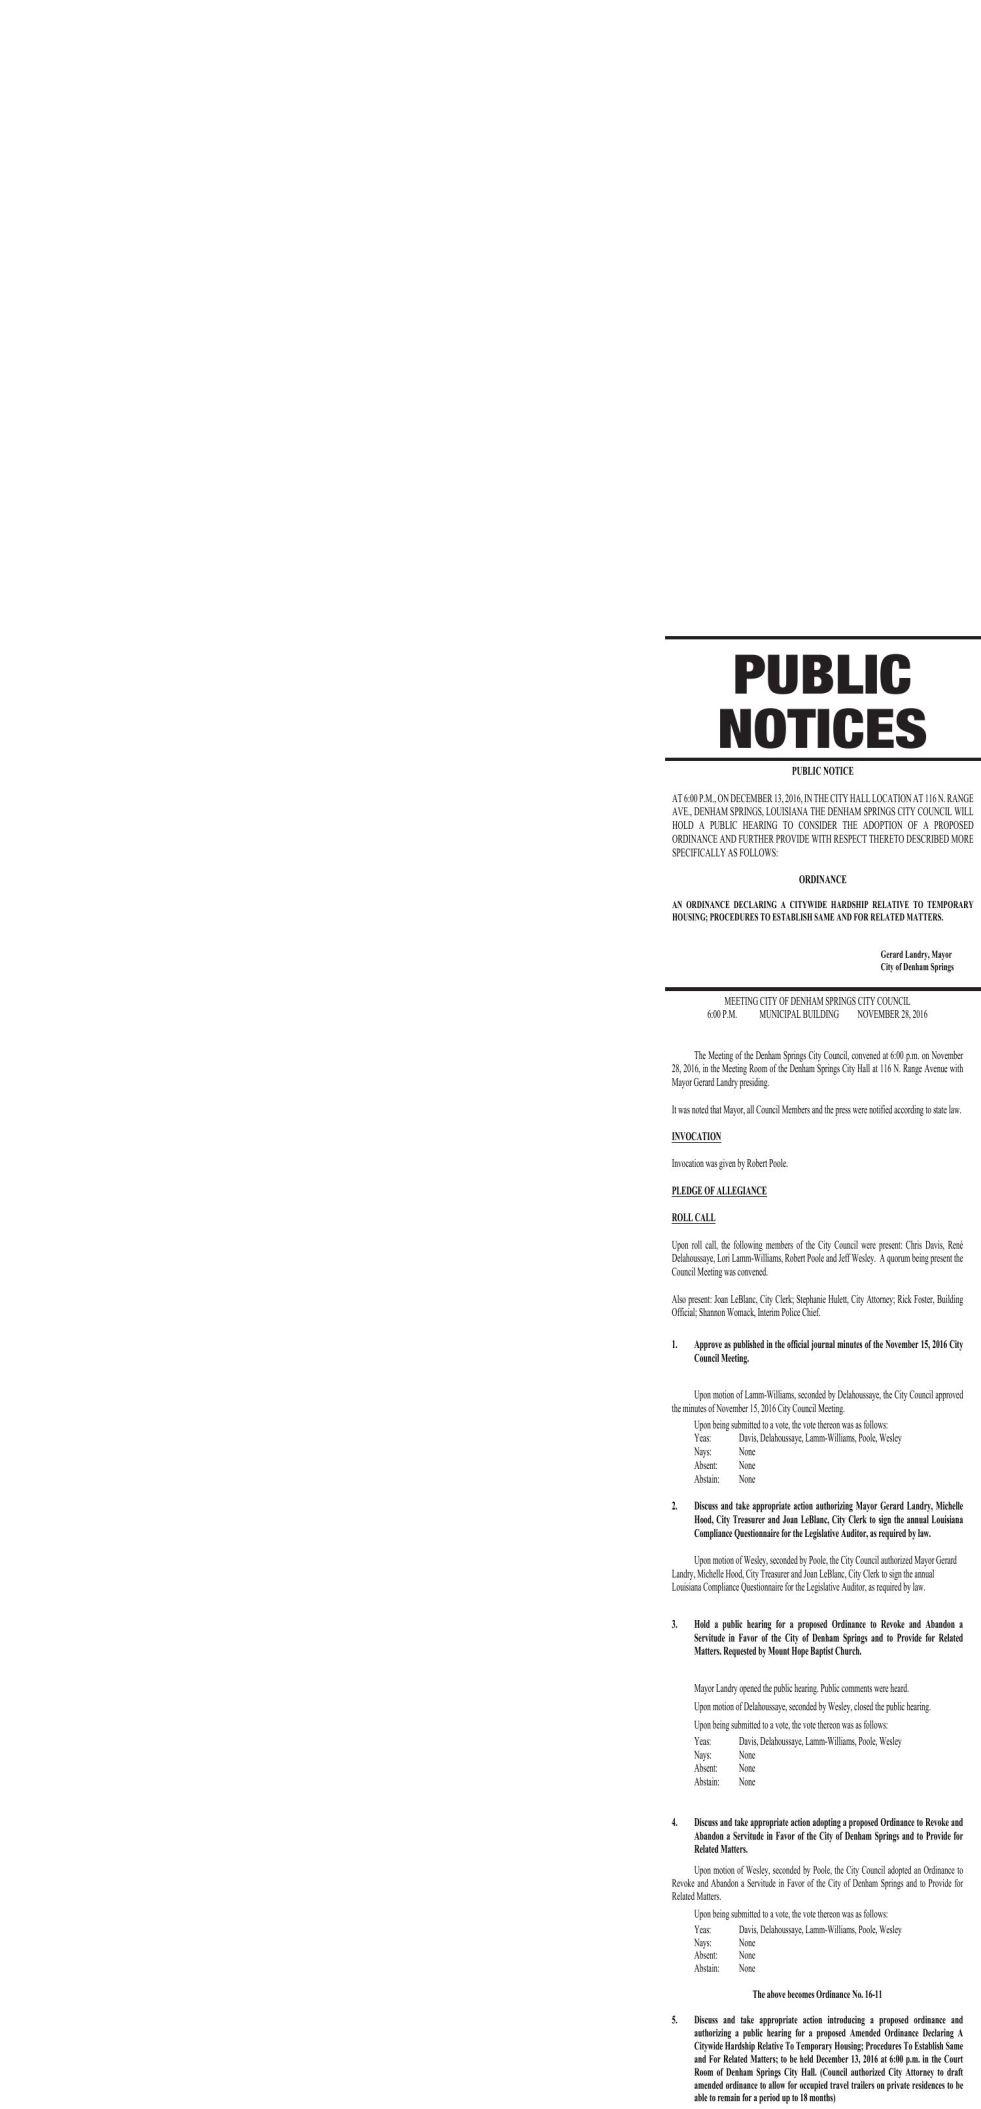 Public Notices published December 8, 2016